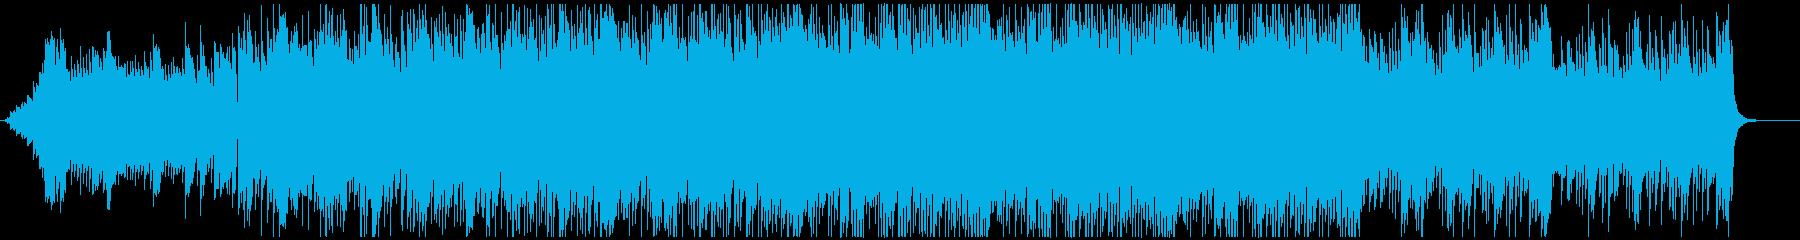 ミニマルなピアノが重なる爽やかなポップの再生済みの波形